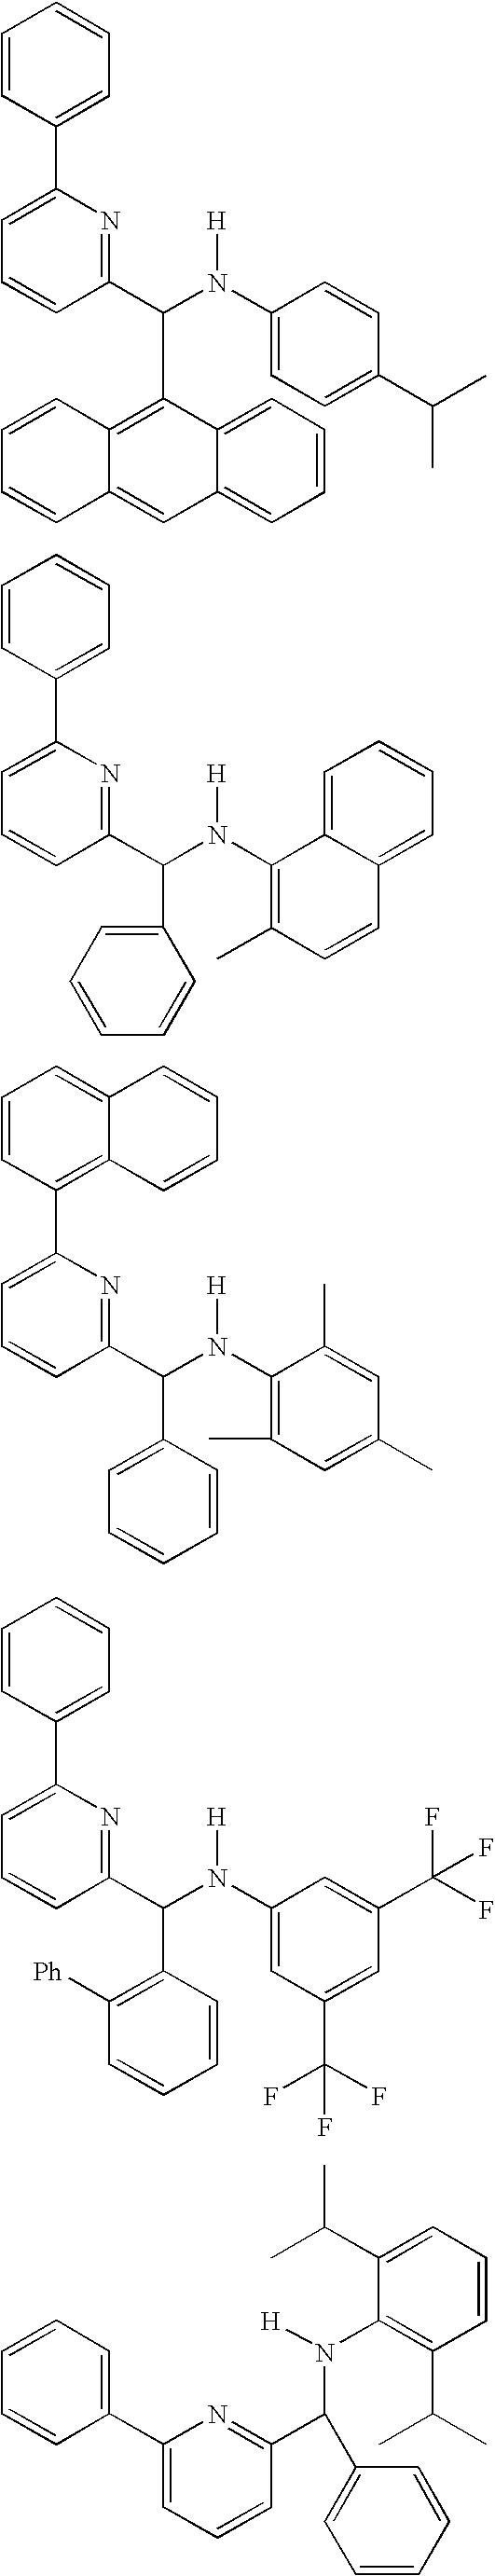 Figure US06900321-20050531-C00039